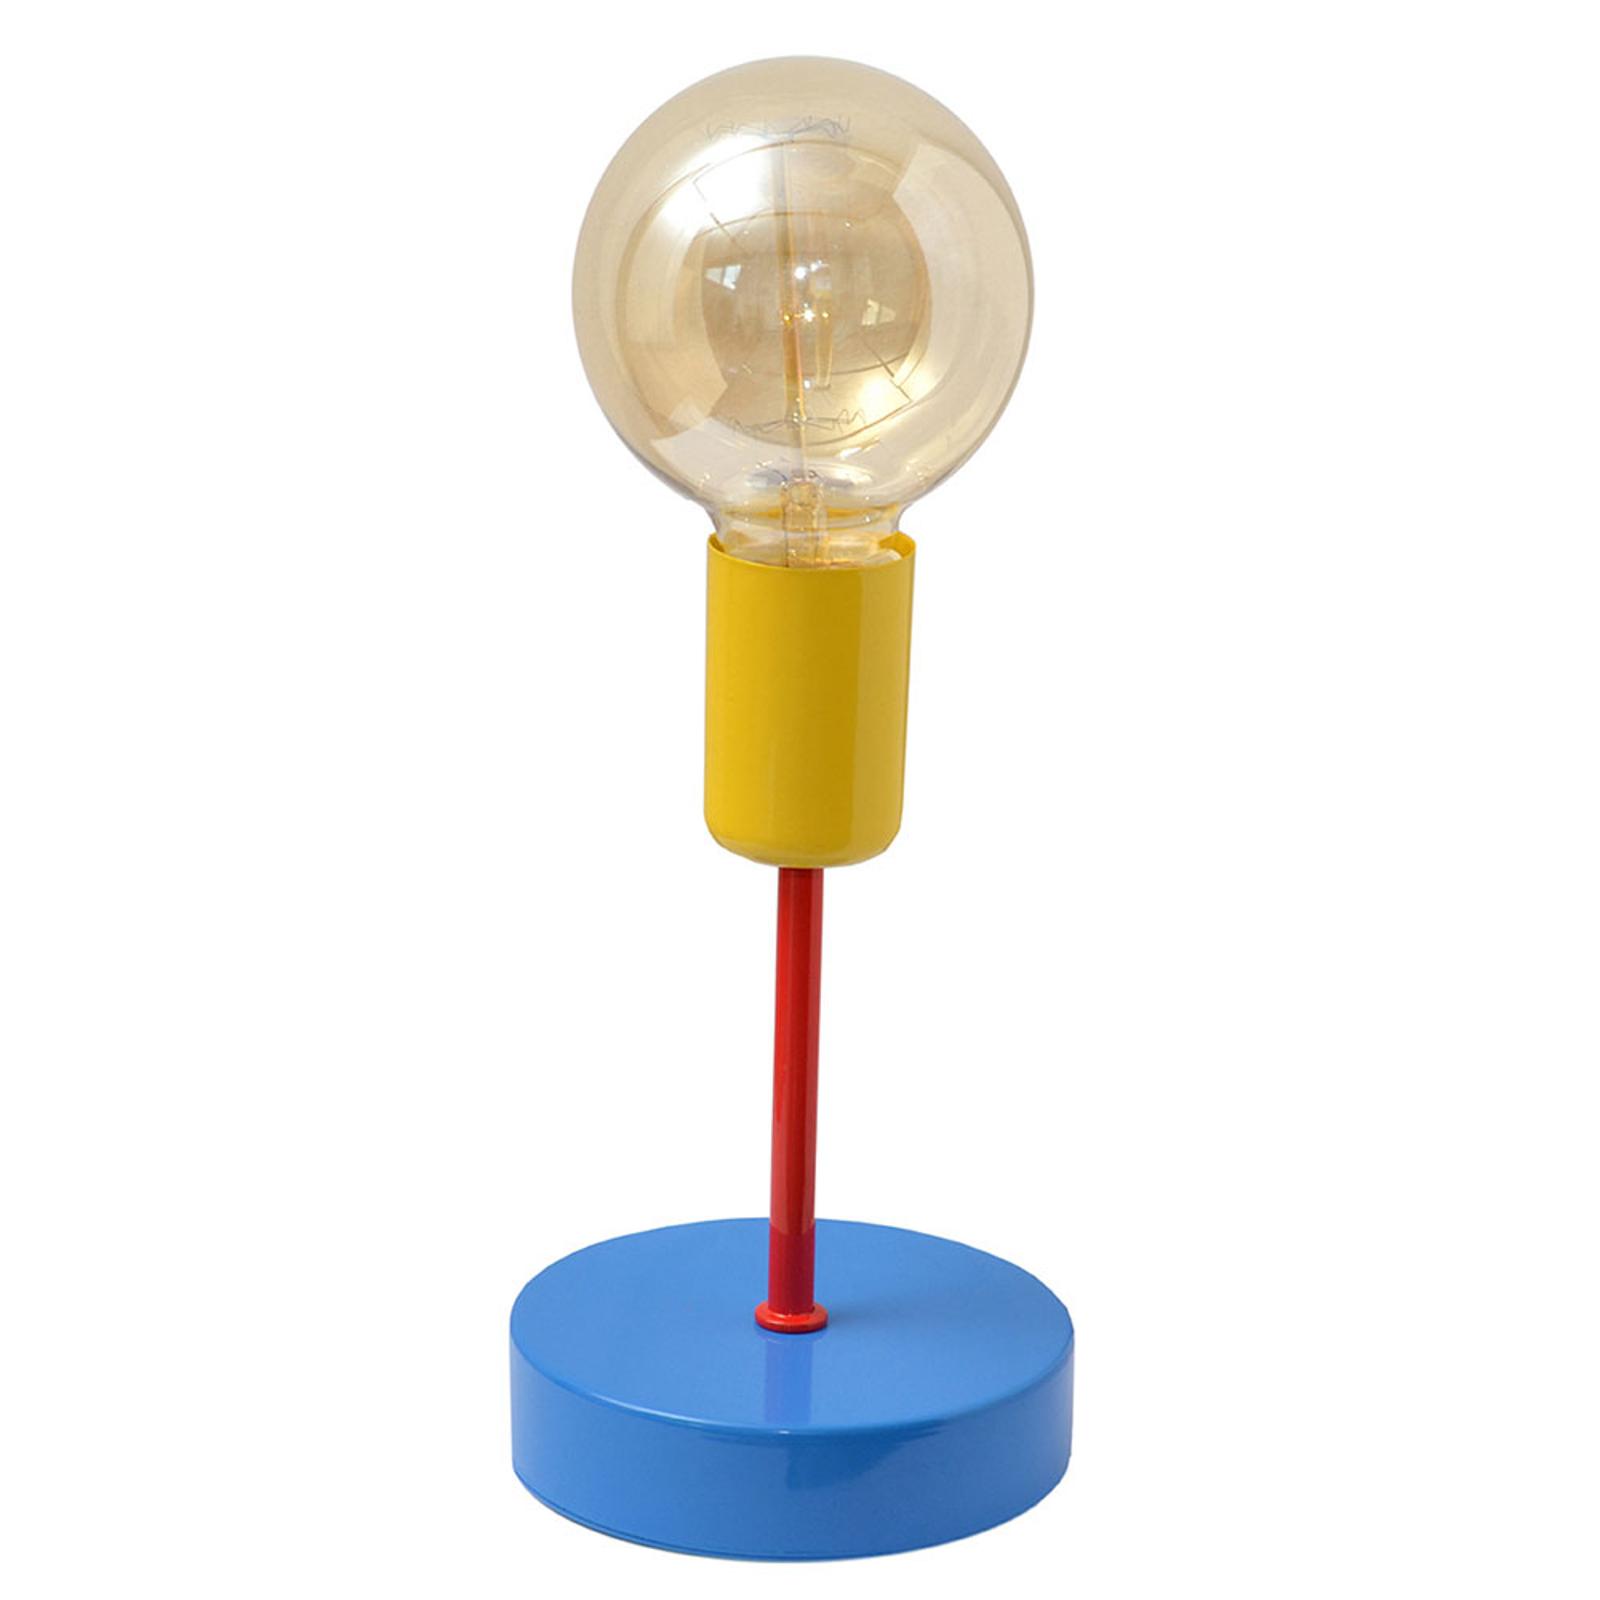 Fargerik bordlampe Oxford, blå/rød/gul